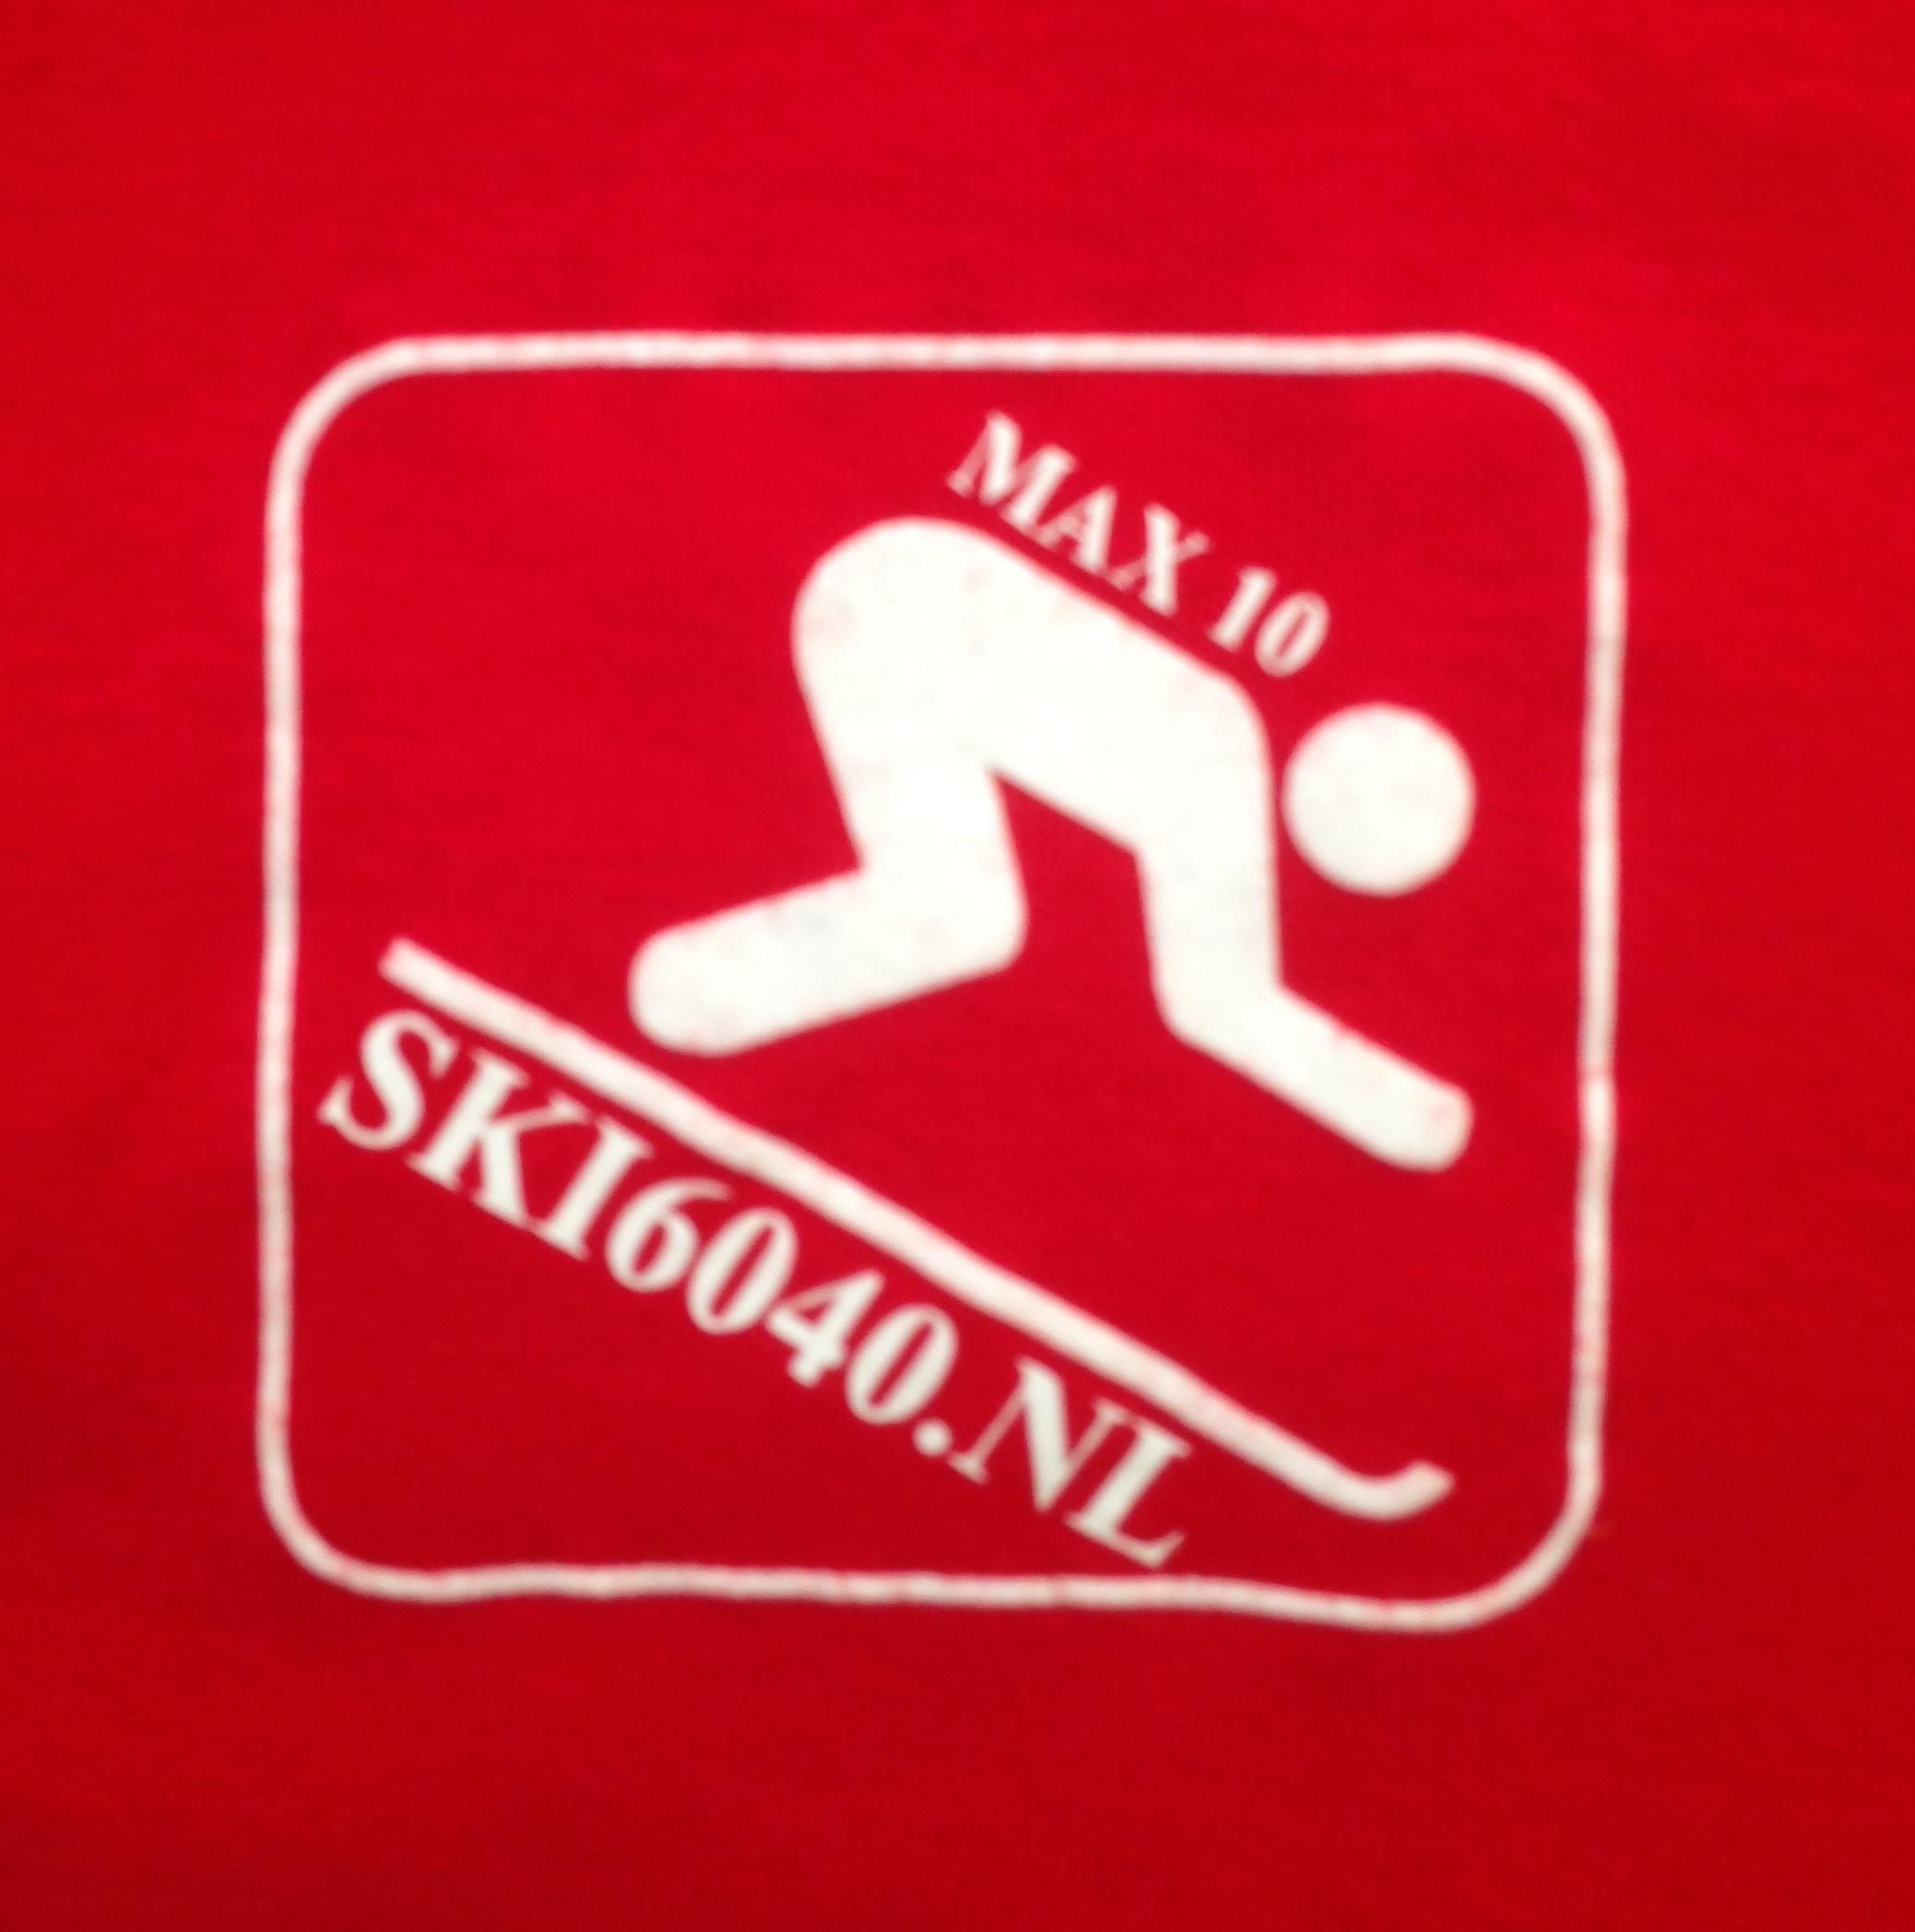 Ski logo 2